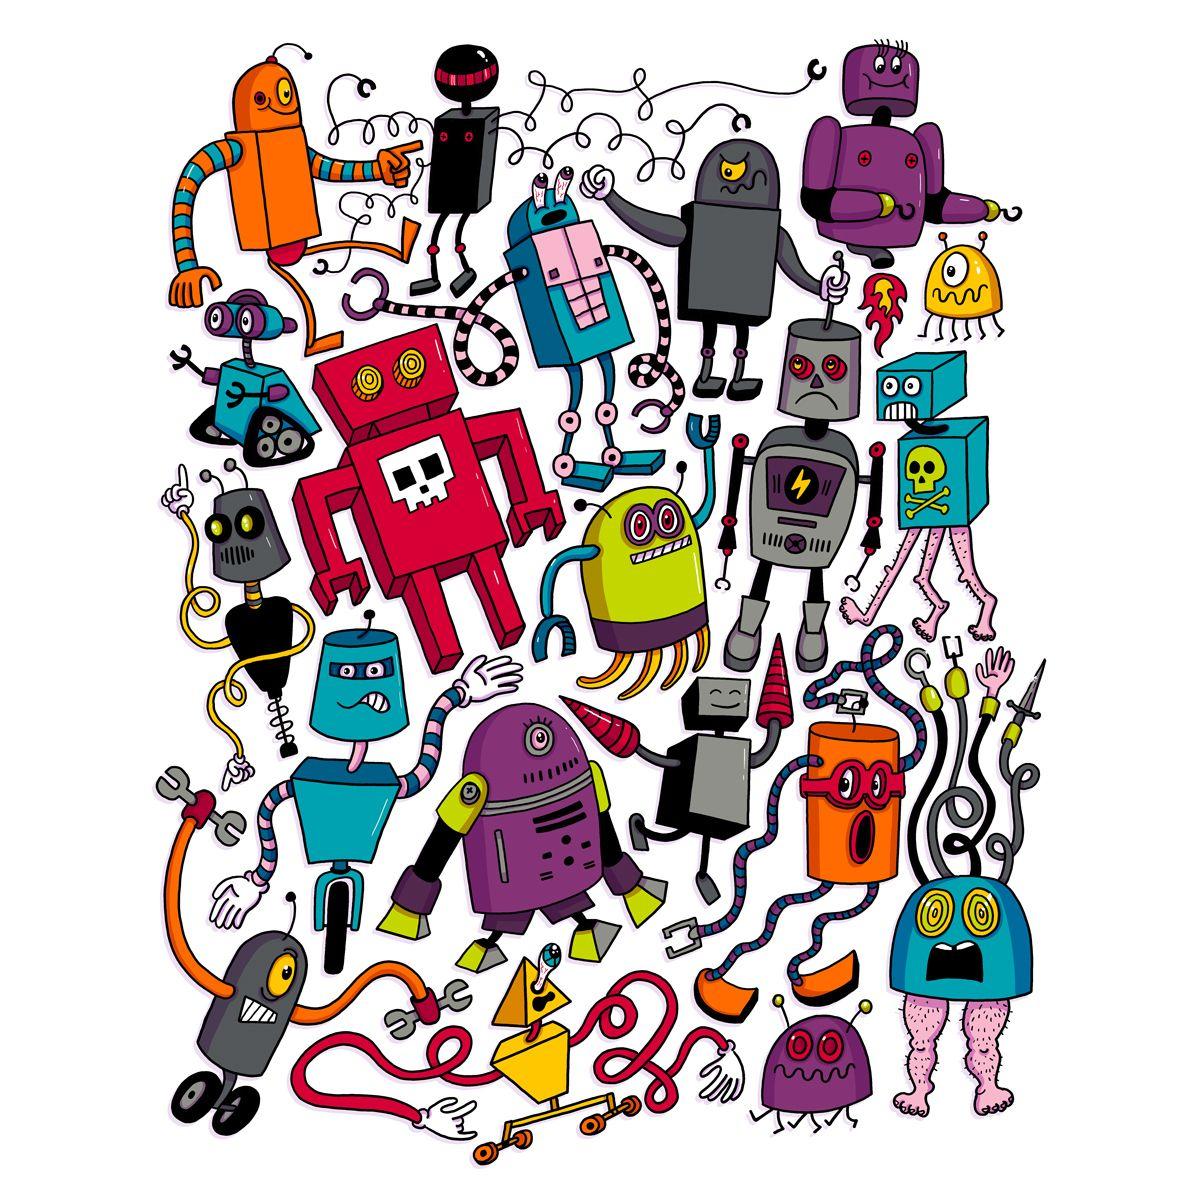 Chris Piascik | Robots 2